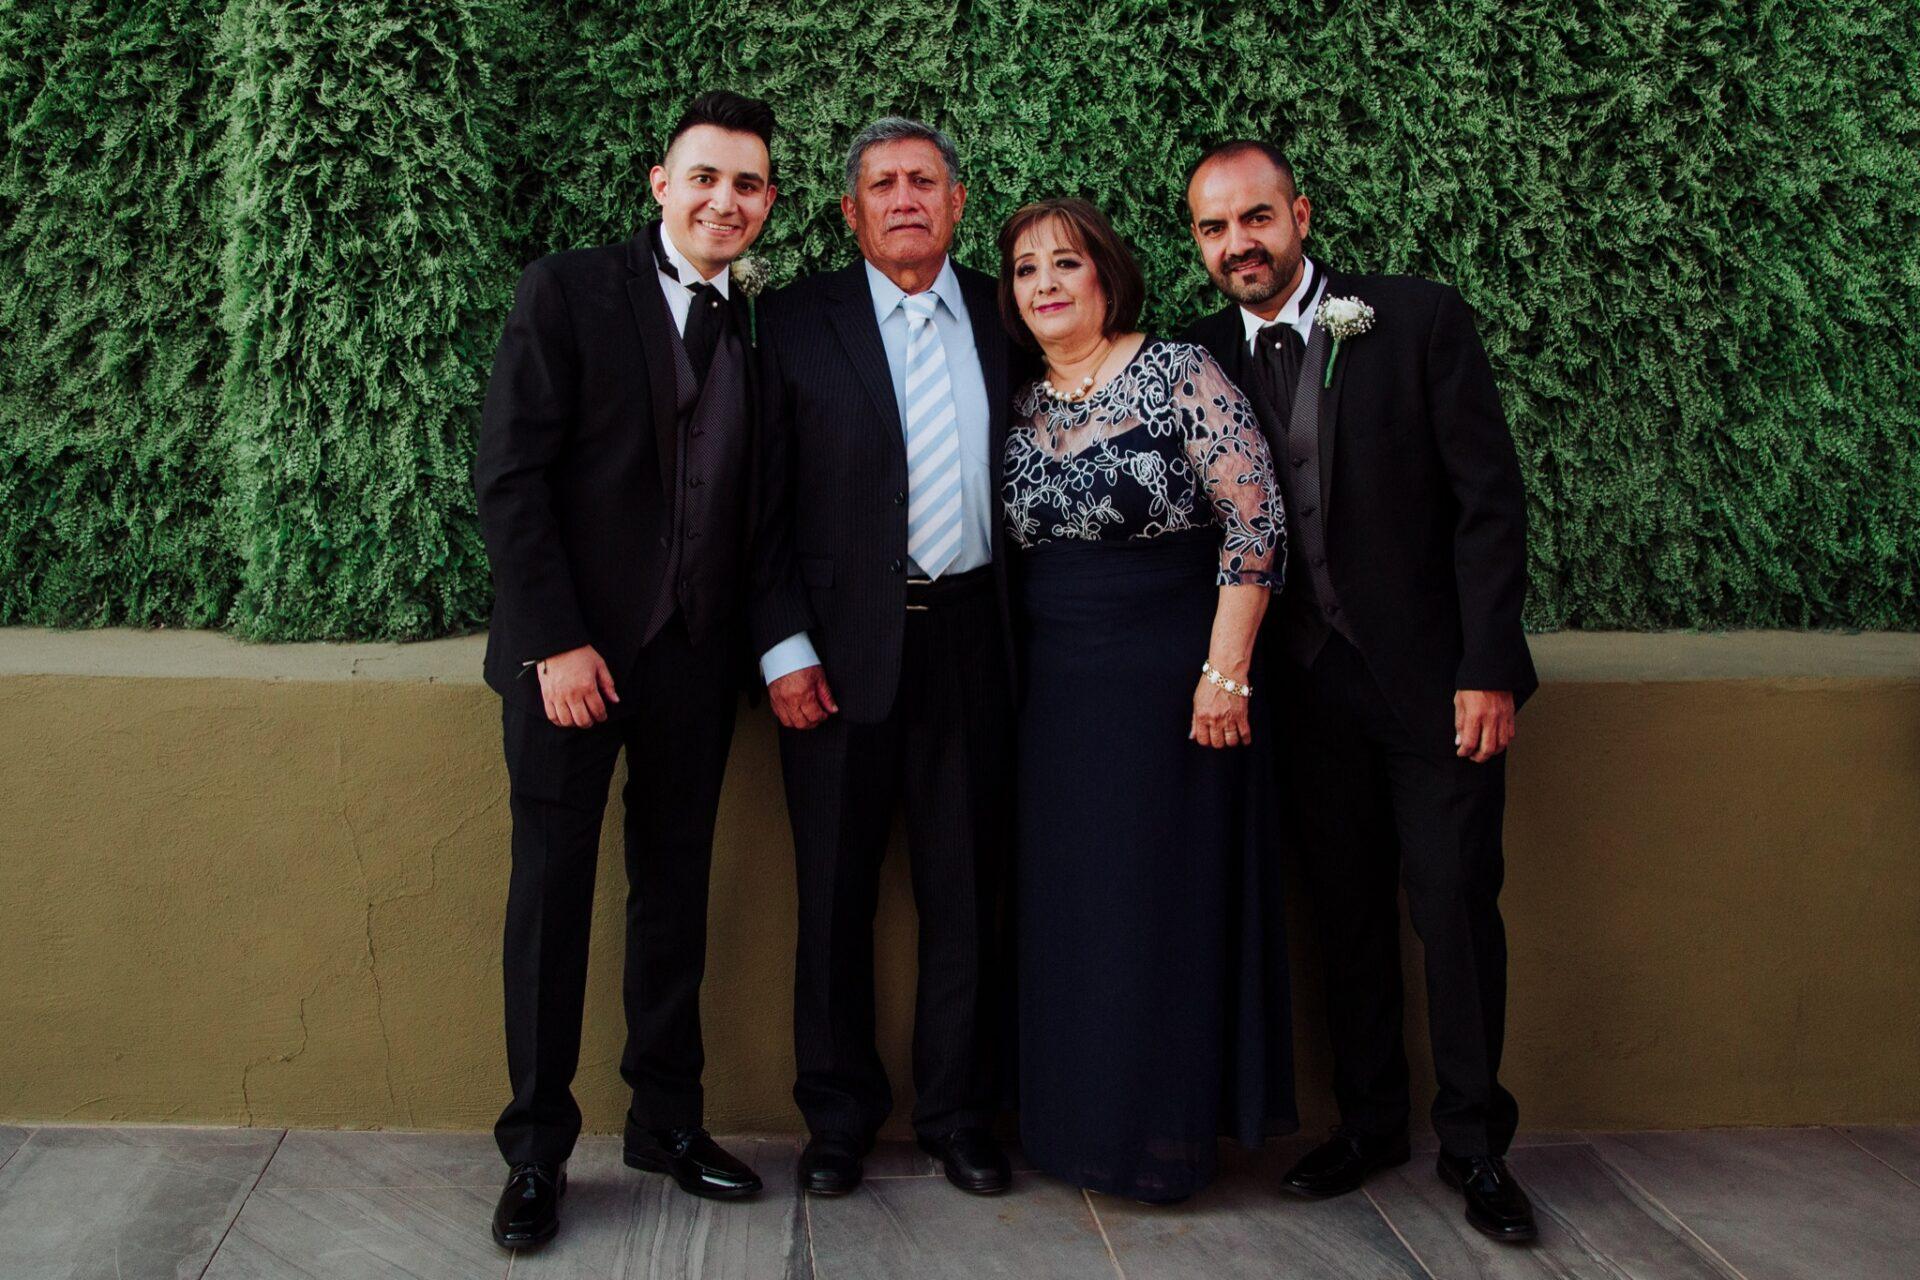 javier_noriega_fotografo_bodas_alicia_garden_zacatecas_wedding_photographer19